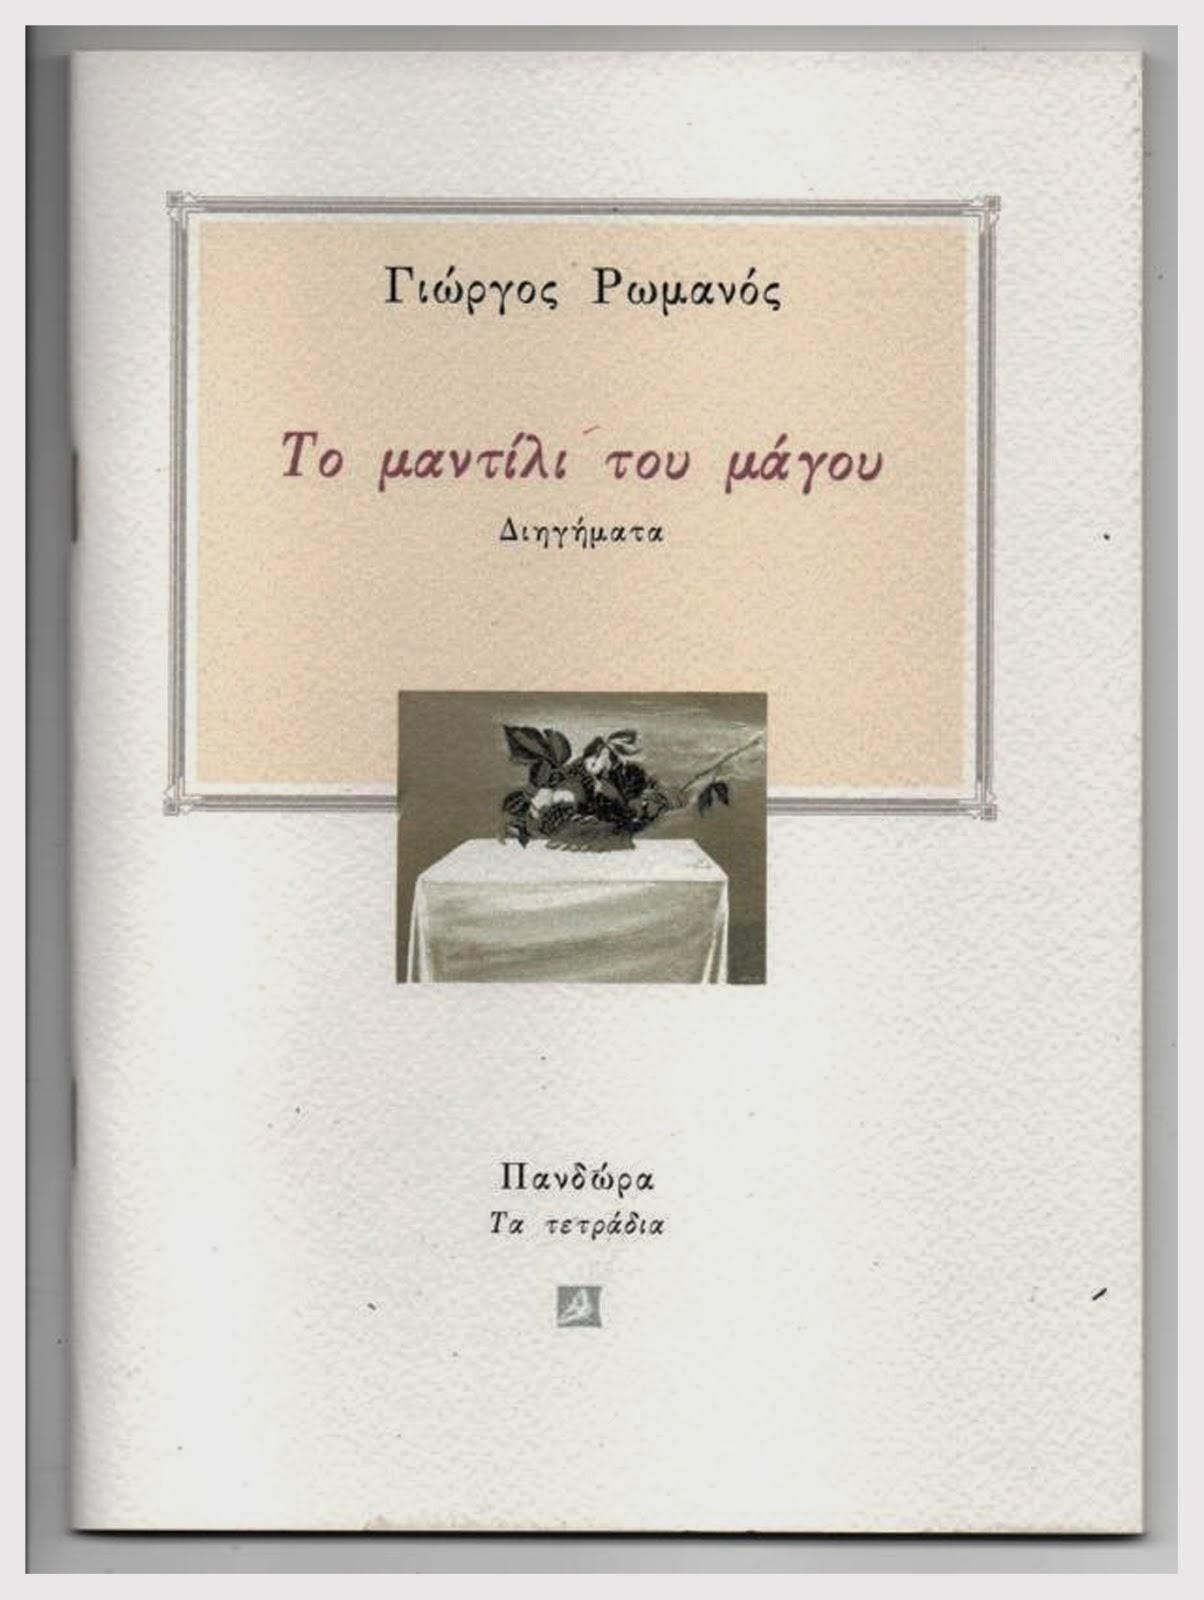 Το μαντίλι του μάγου / Διηγήματα, Εκδόσεις Πανδώρα